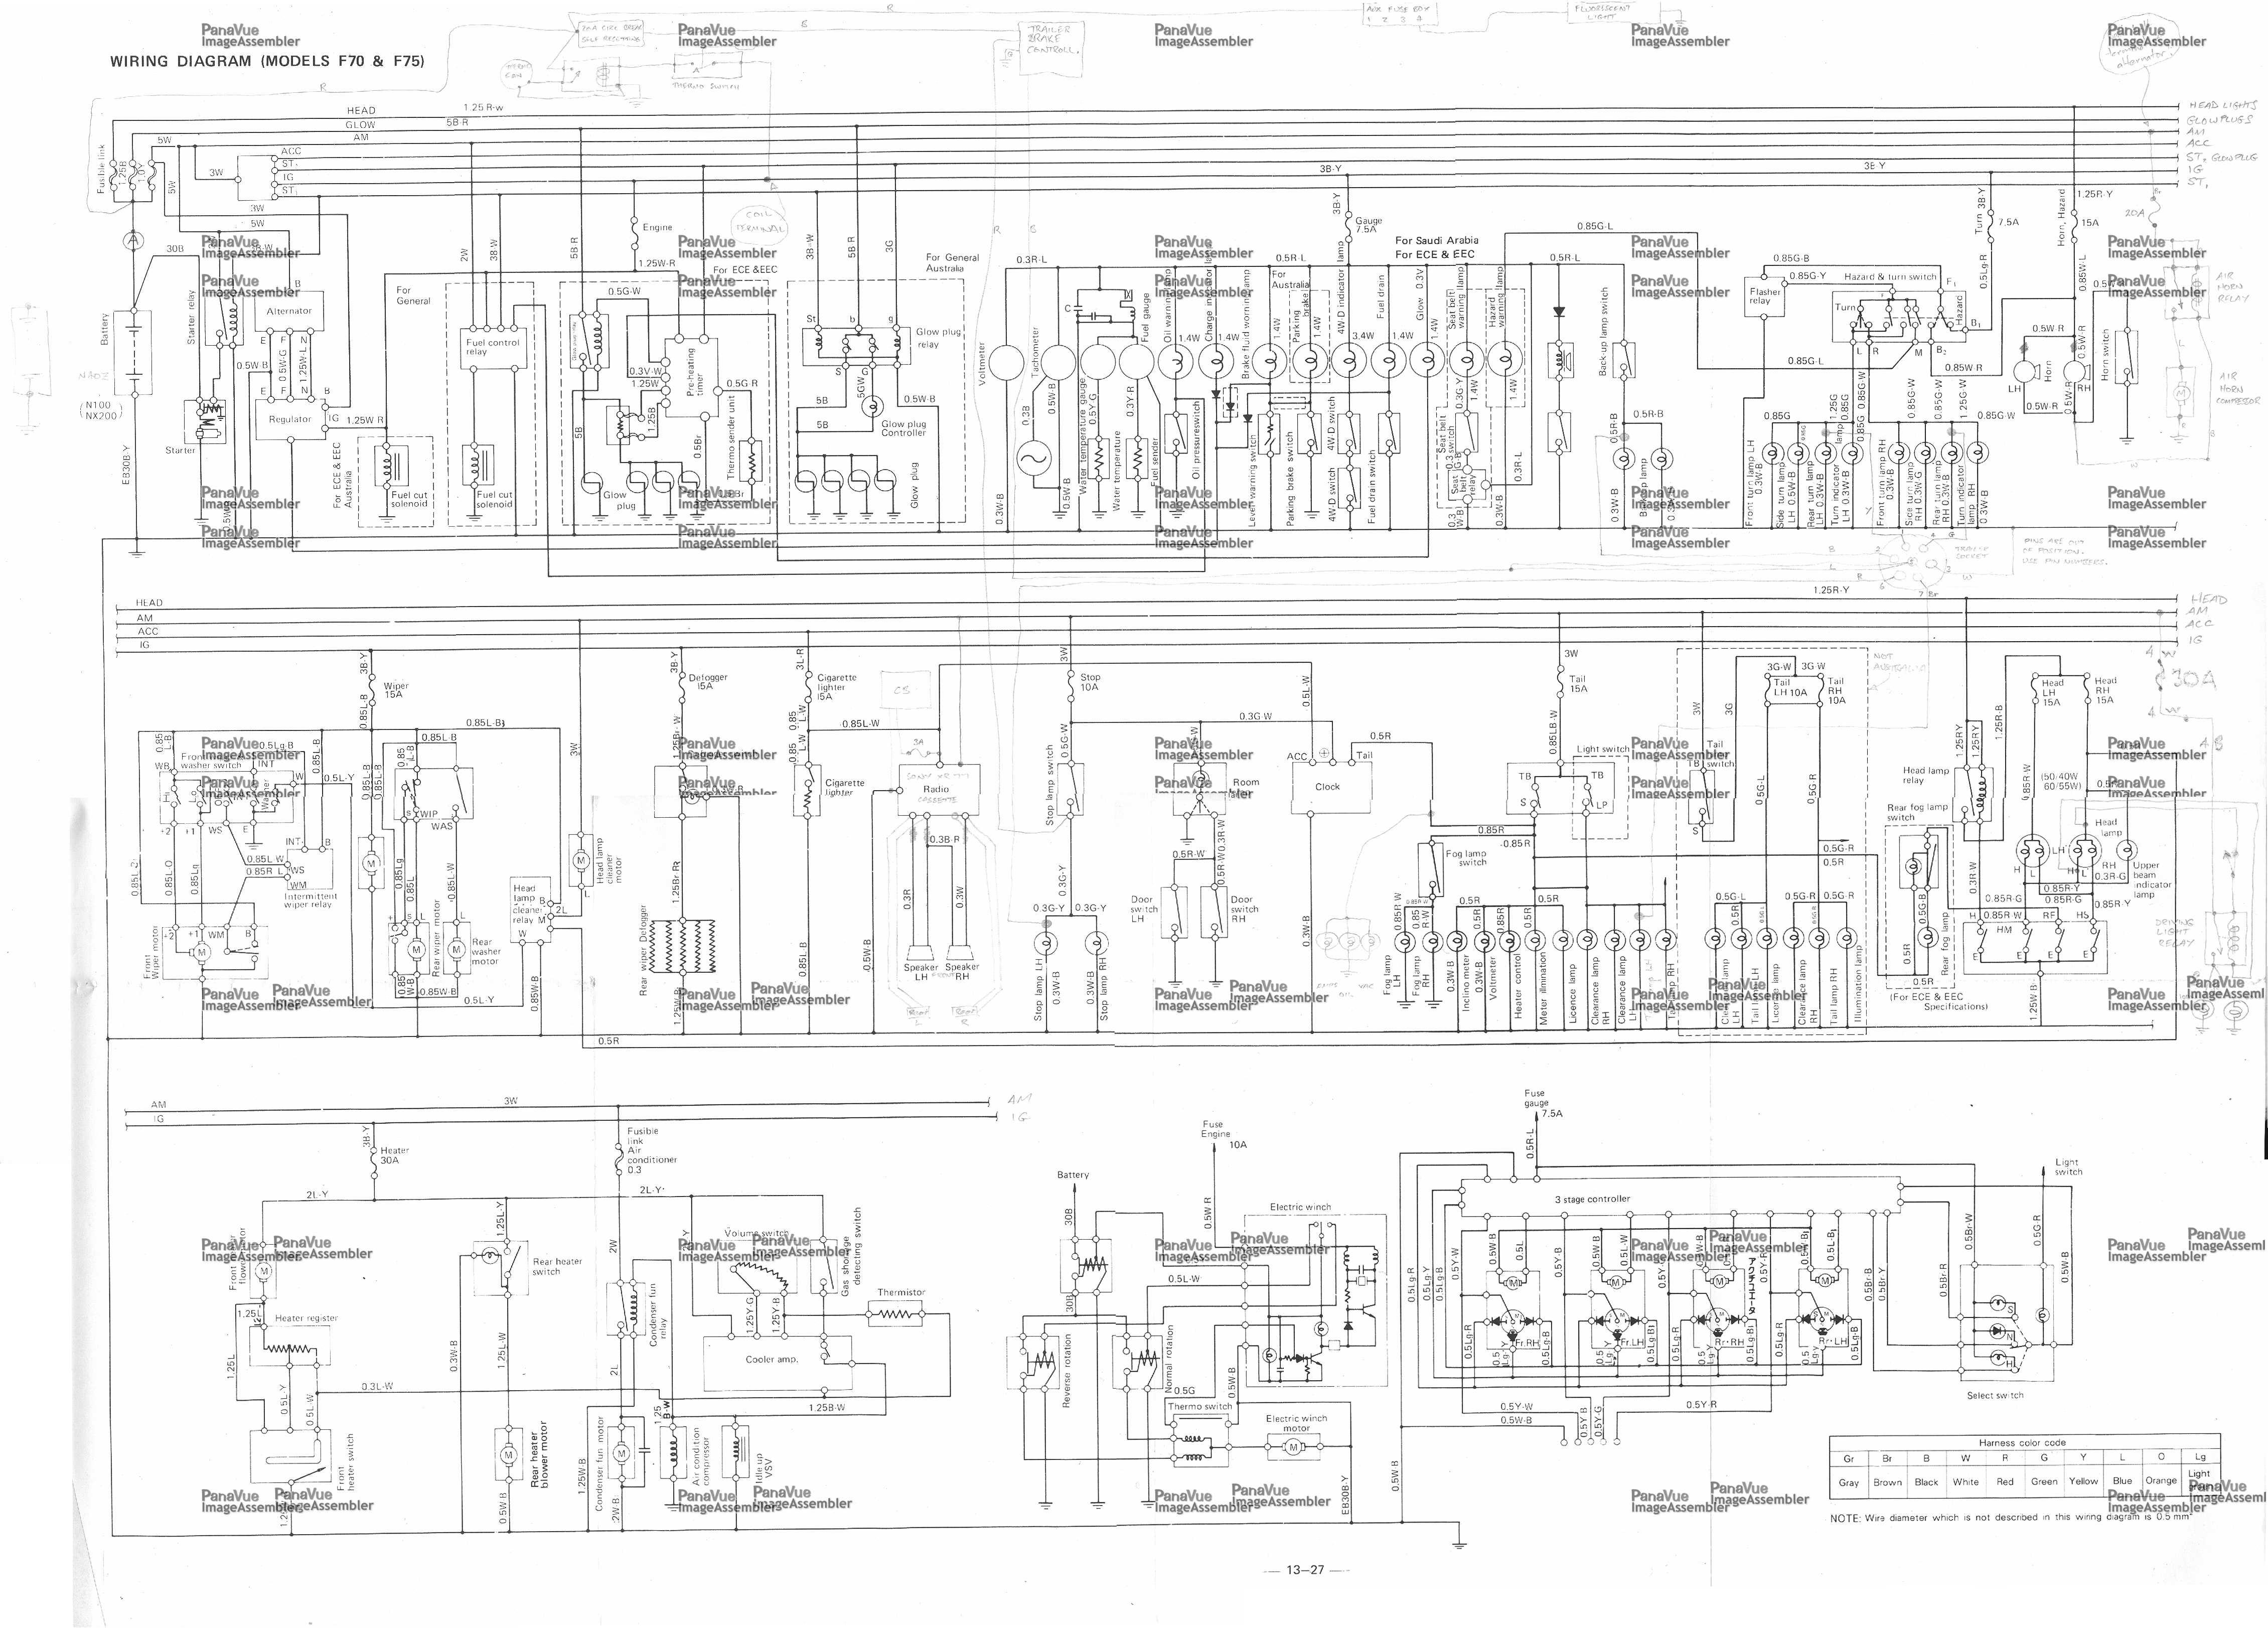 Fiat Stilo Fuse Box Diagram Ebook Custom Wiring Croma Diagrams Schematics Rh Quizzable Co 2004 Interor